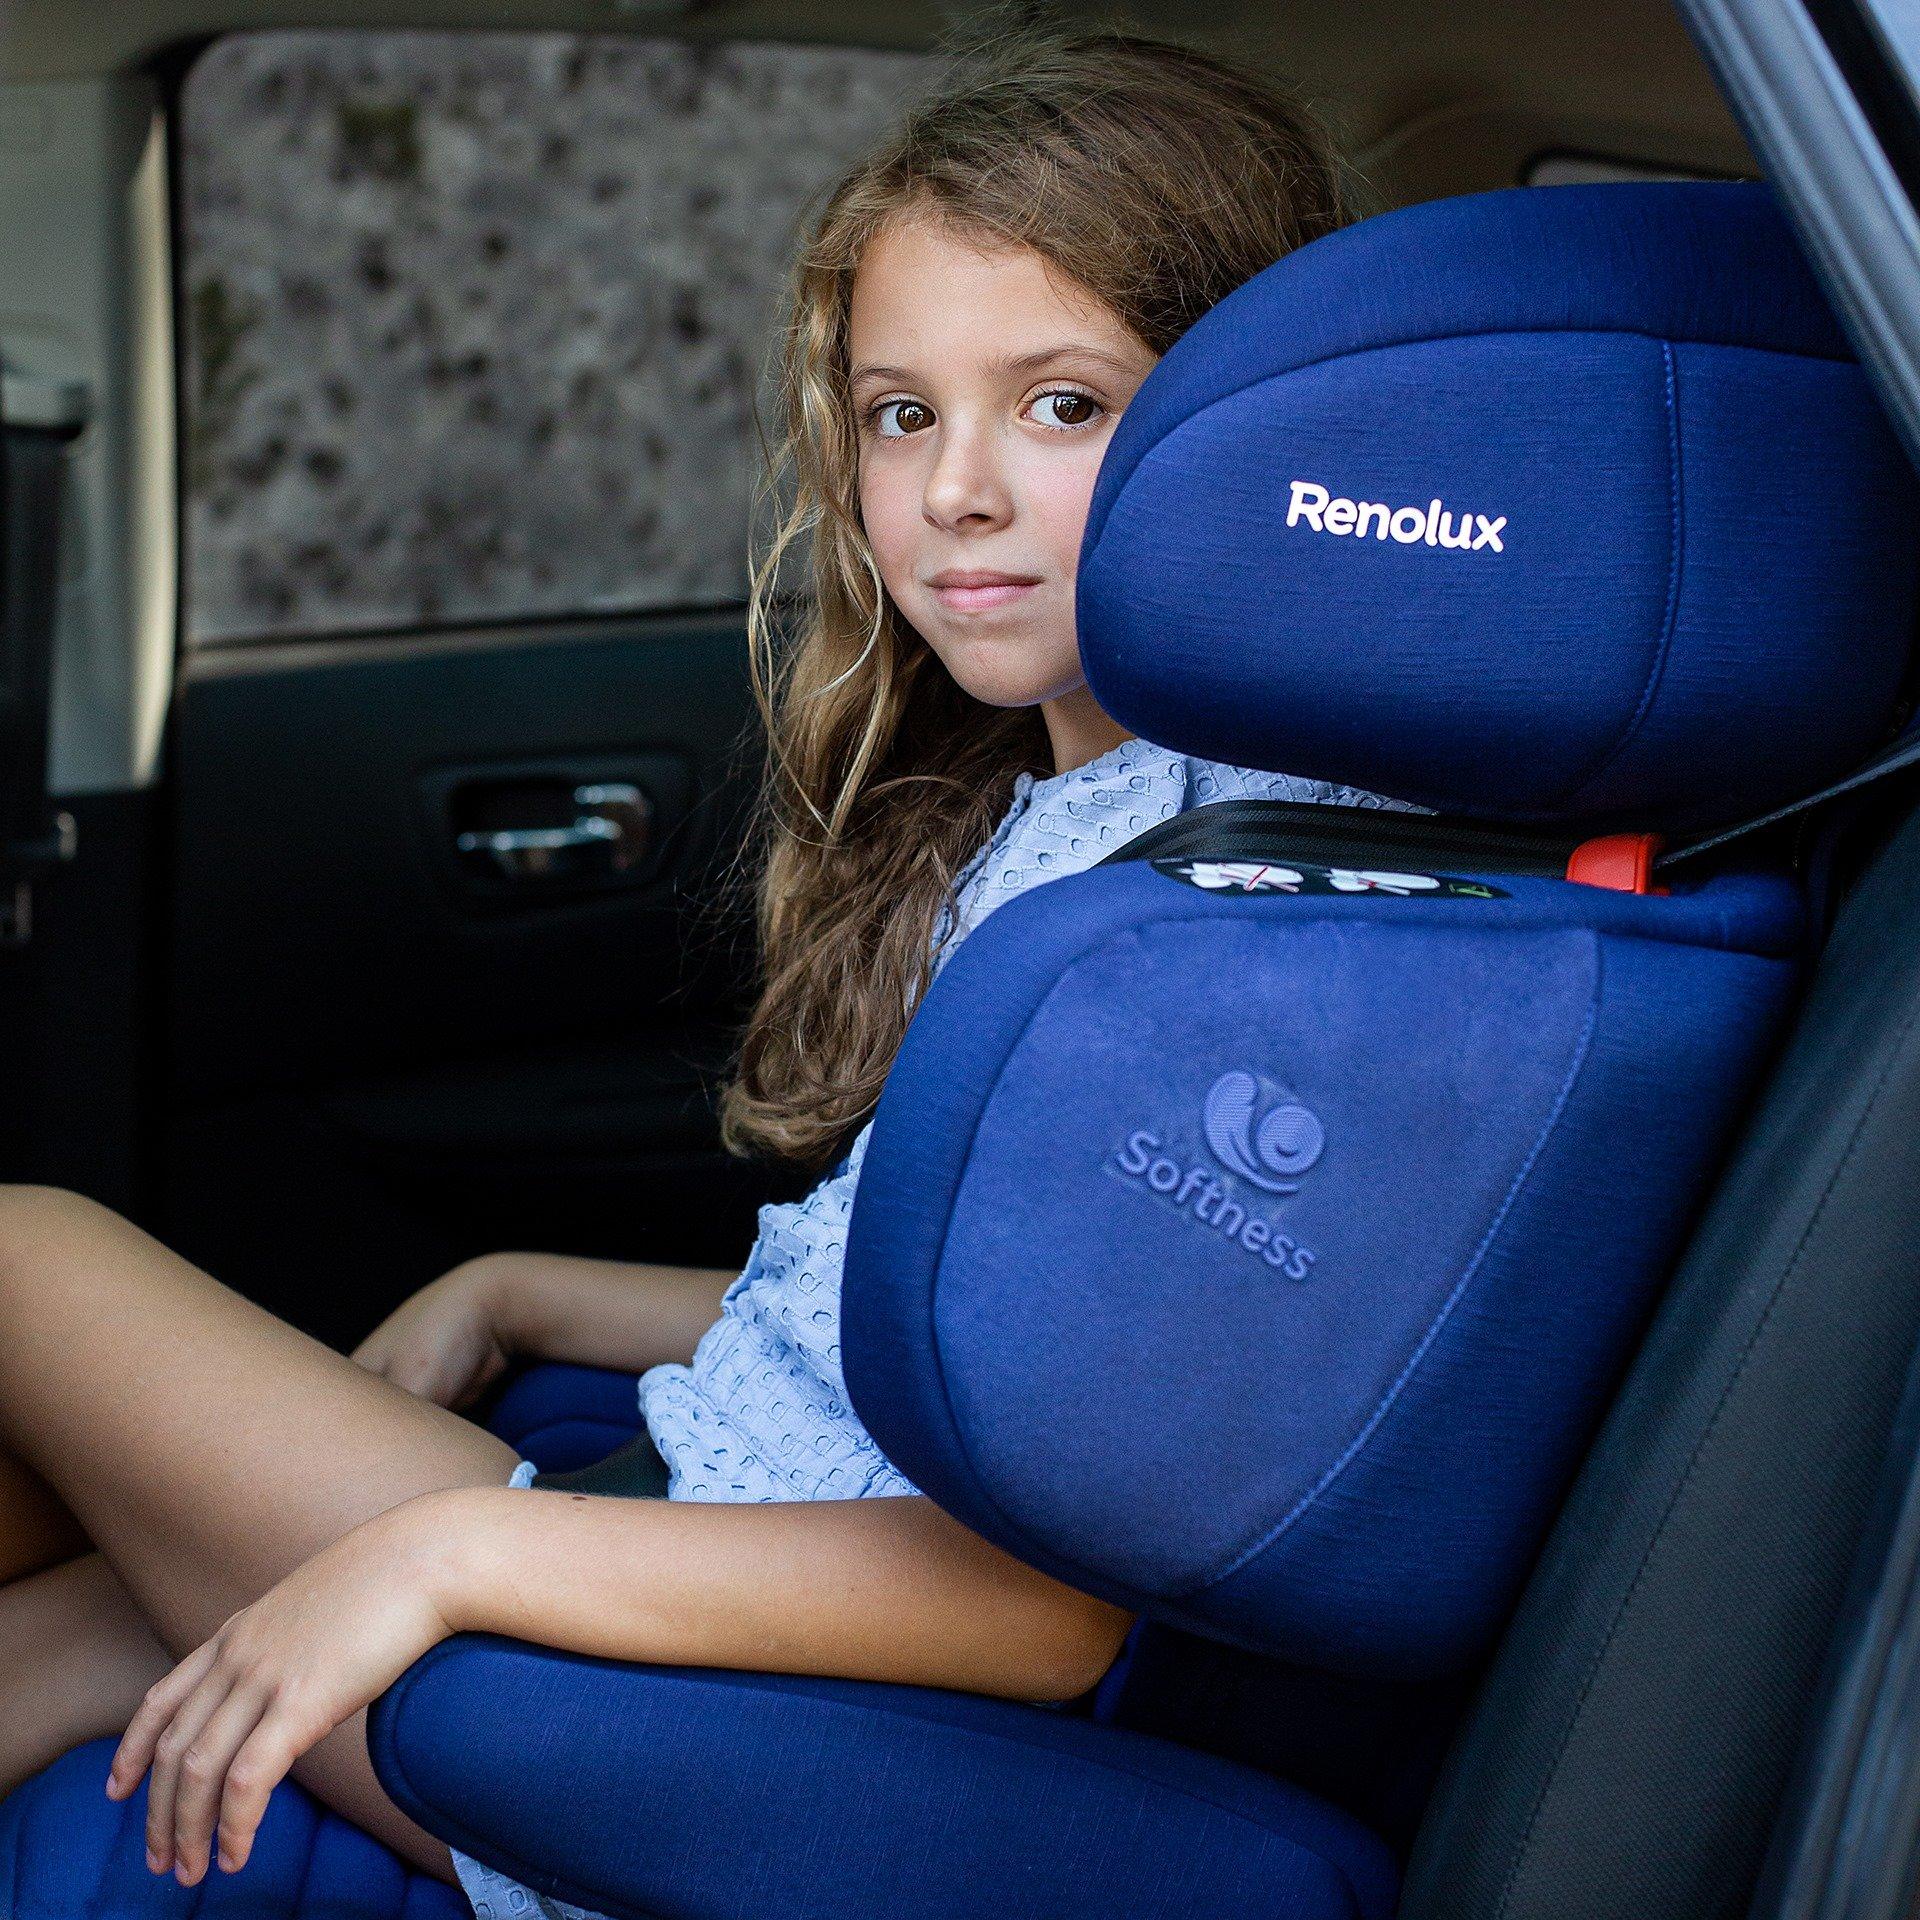 dziewczynka siedzi w niebieskim foteliku samochodowym firmy Renolux